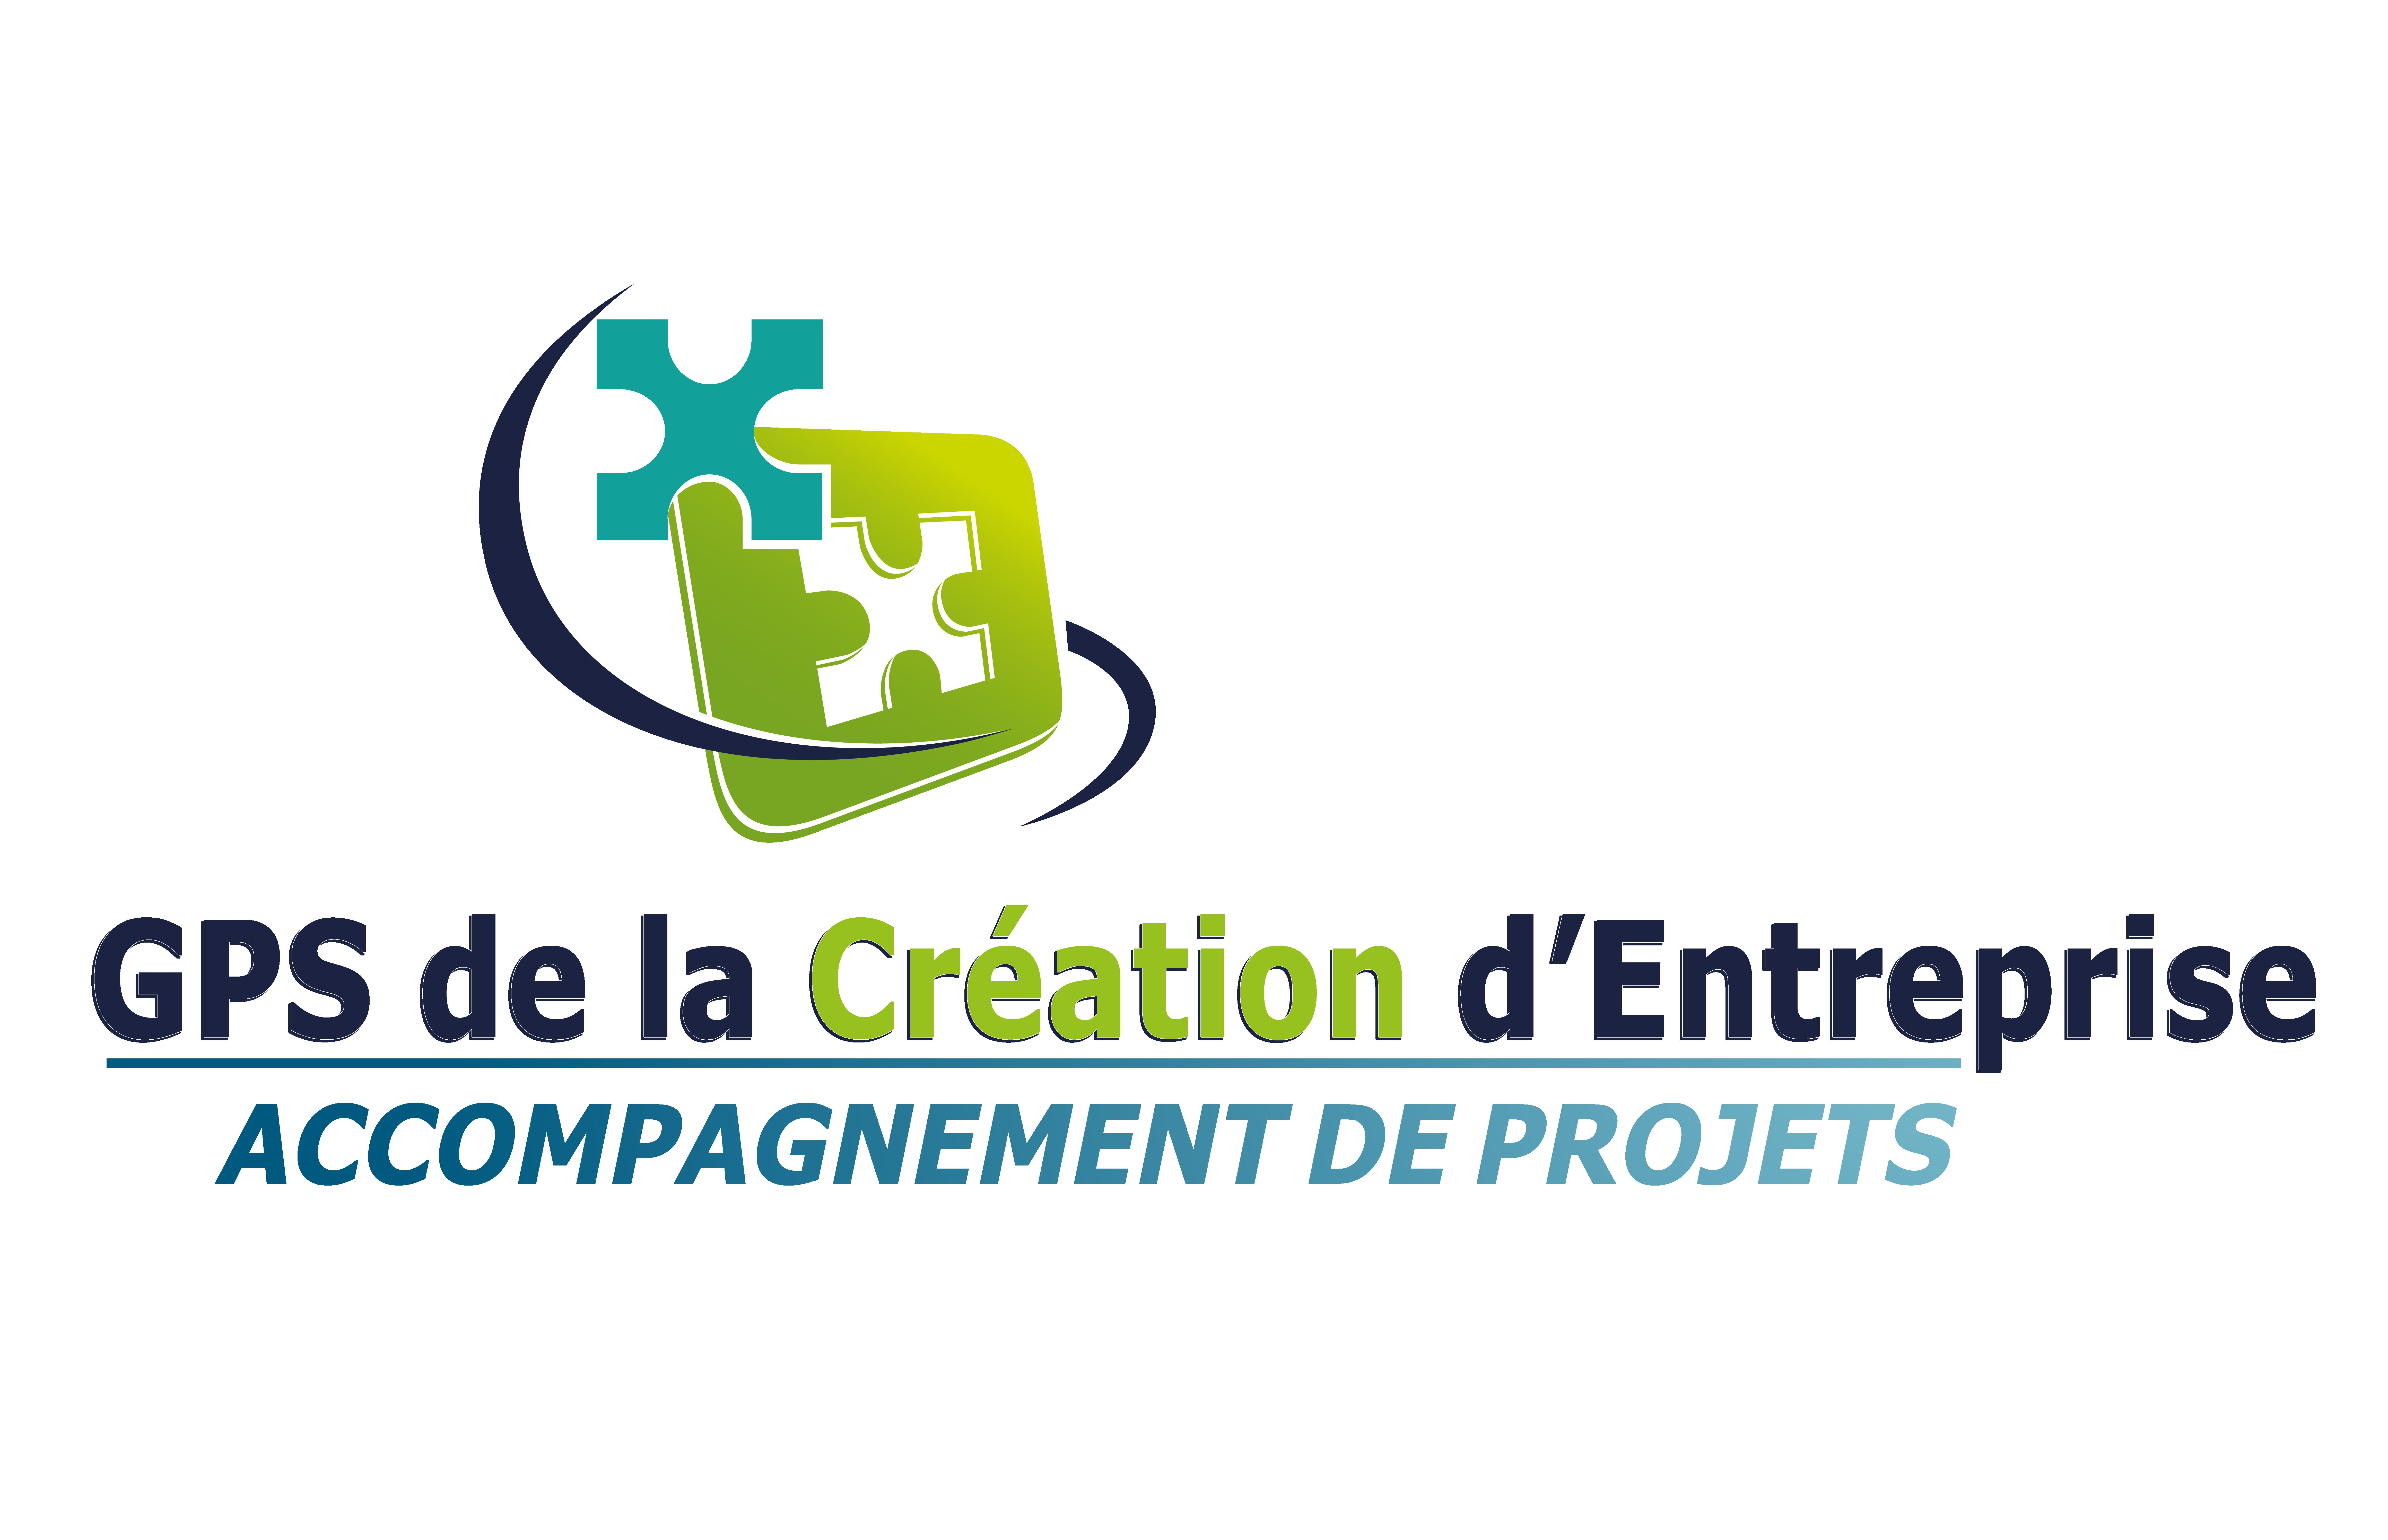 logo gps de la création d'entreprise